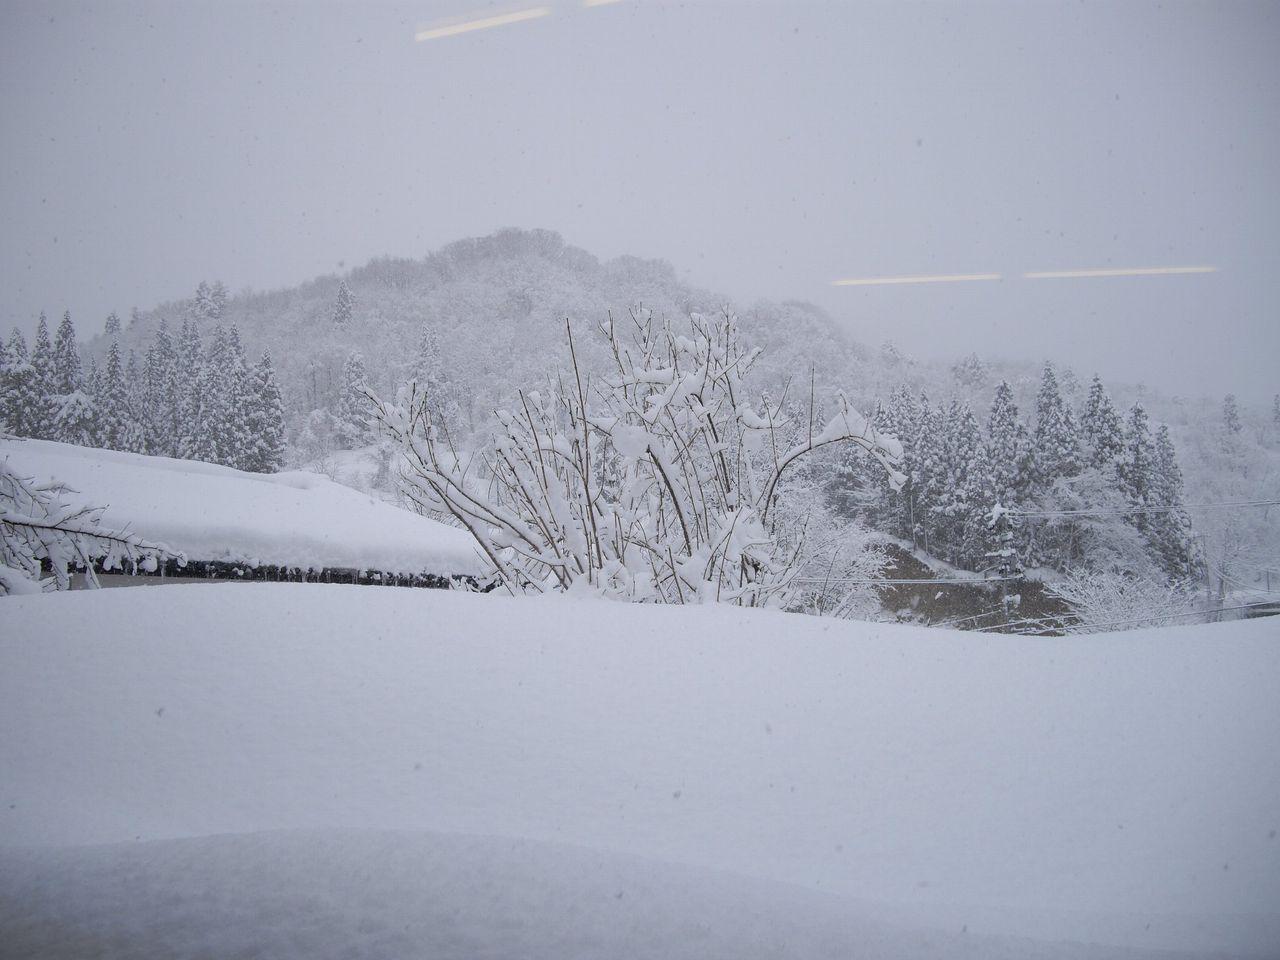 雪に覆われた嵐渓荘1